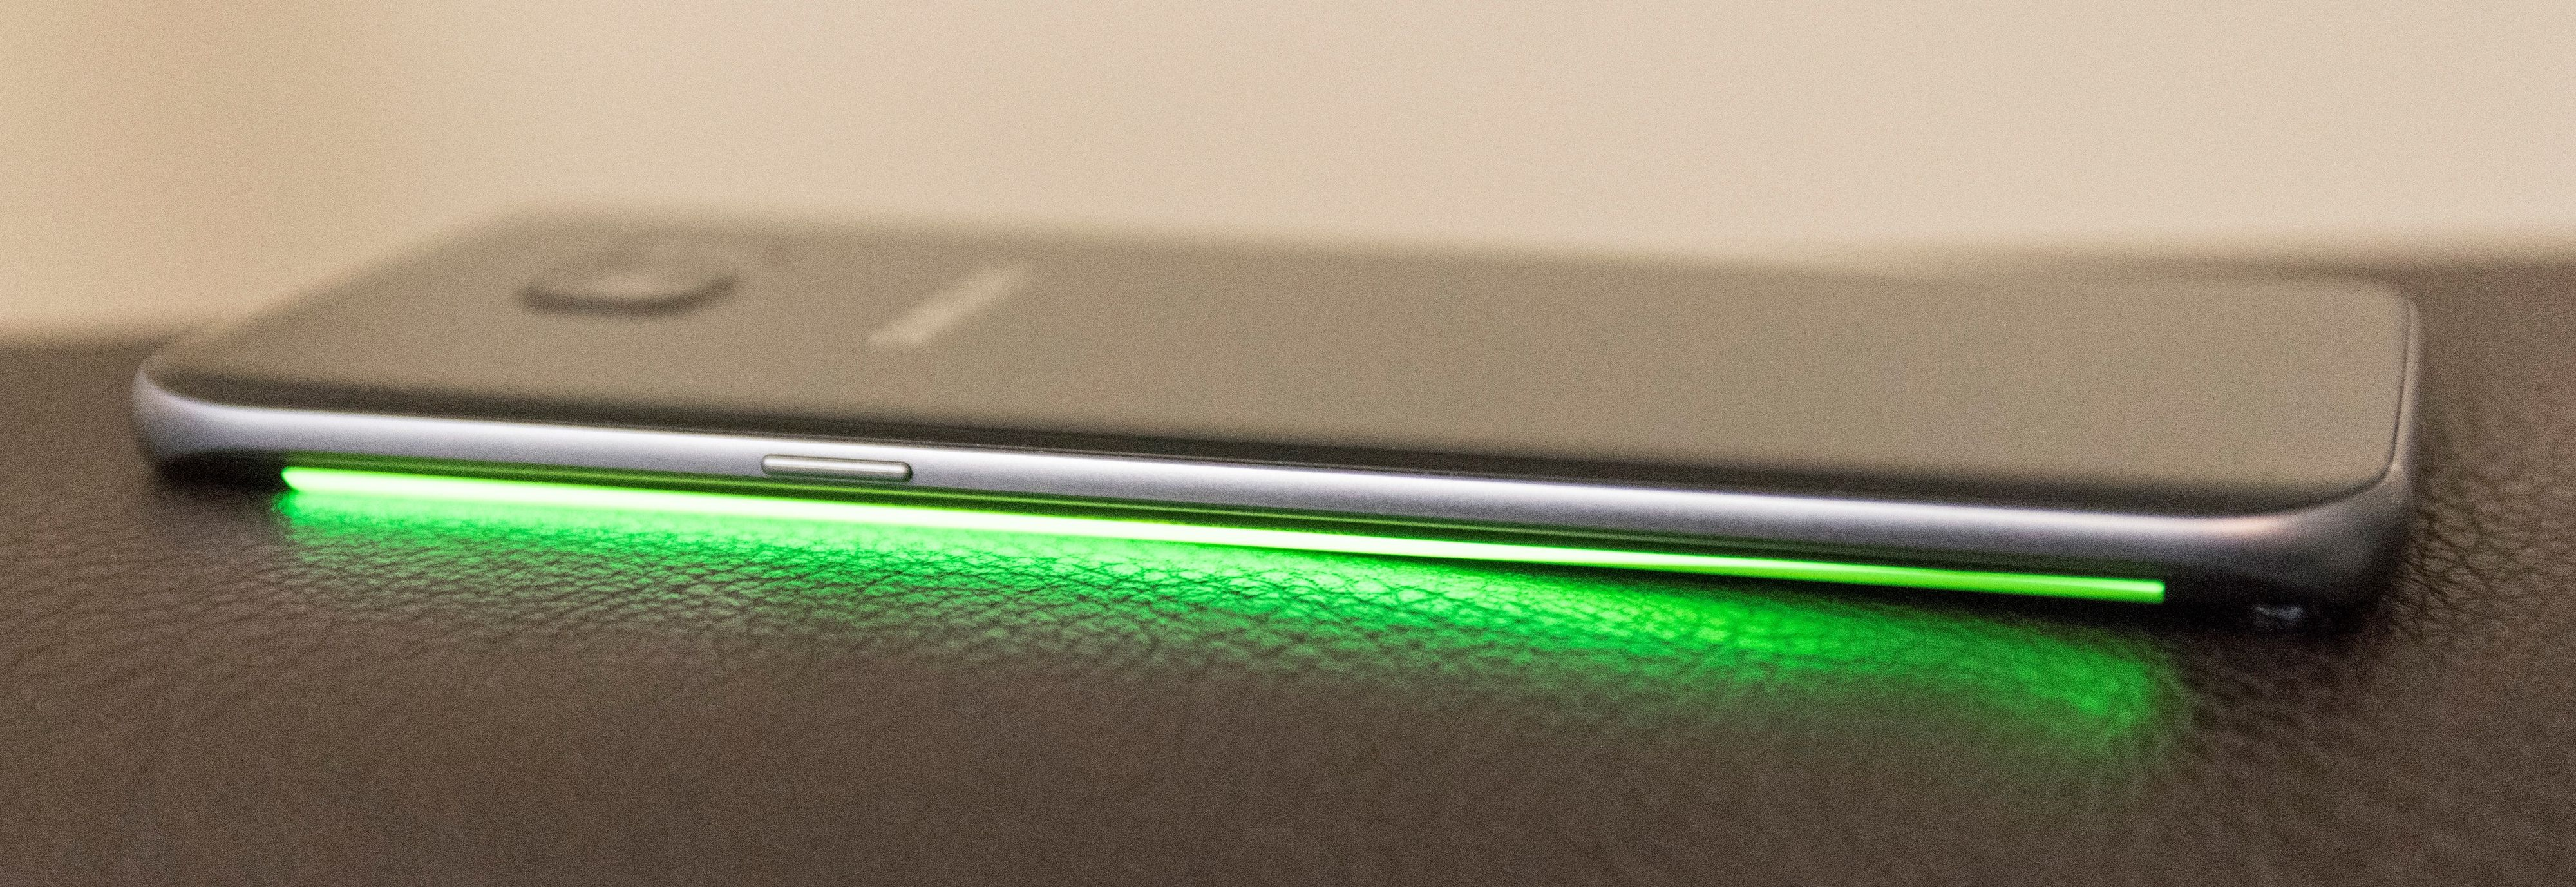 Telefonen gir deg visuell varsling om anrop også når den ligger med skjermen ned.